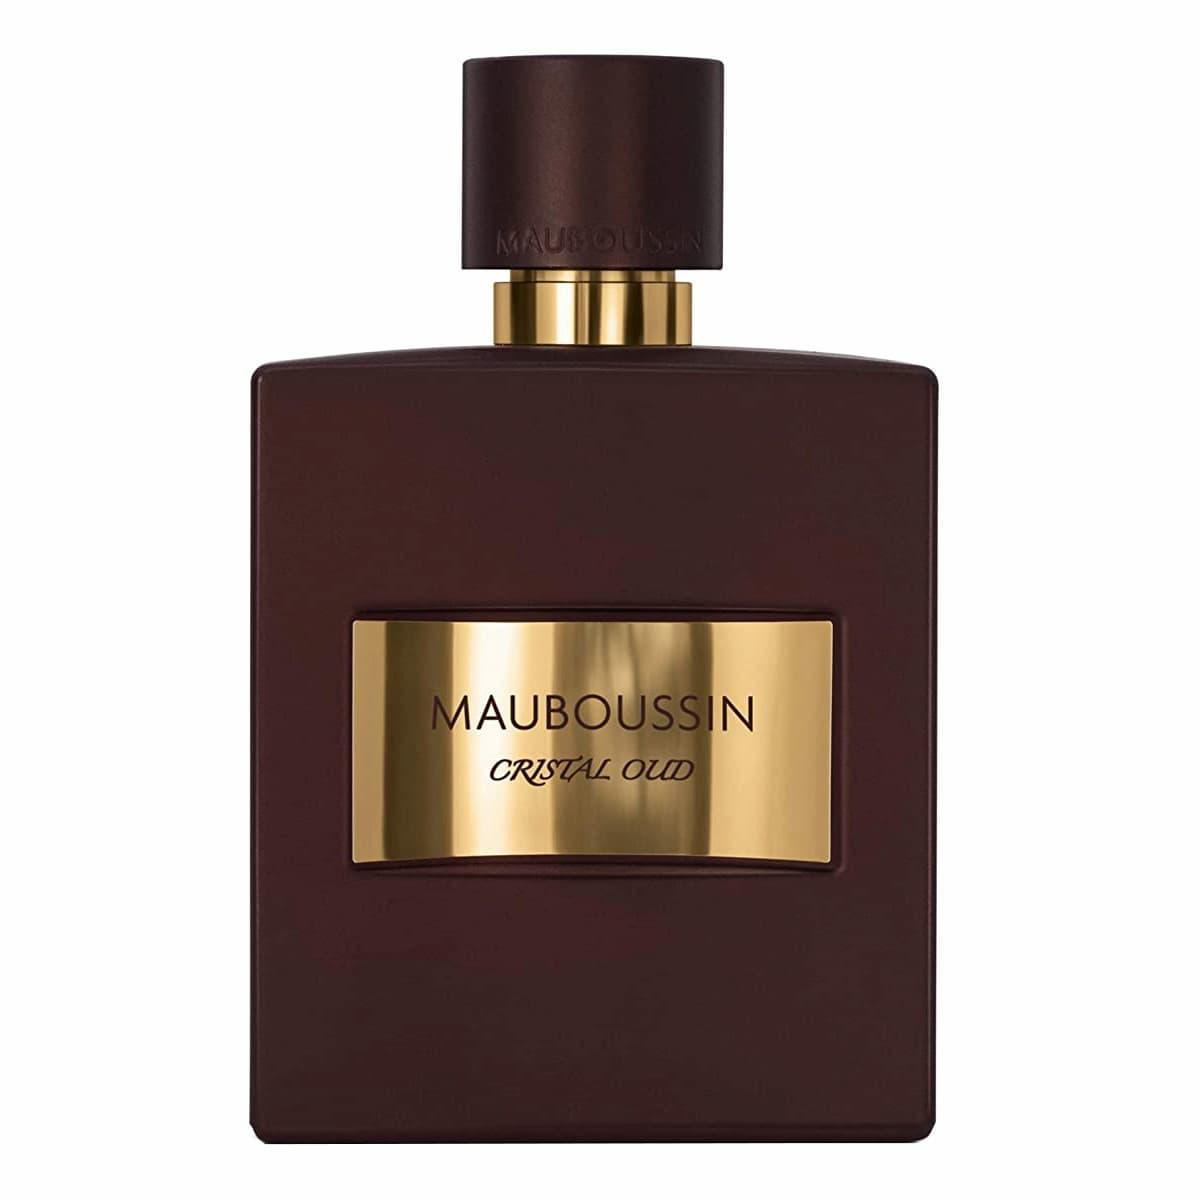 Mauboussin Cristal Oud - Eau de Parfum